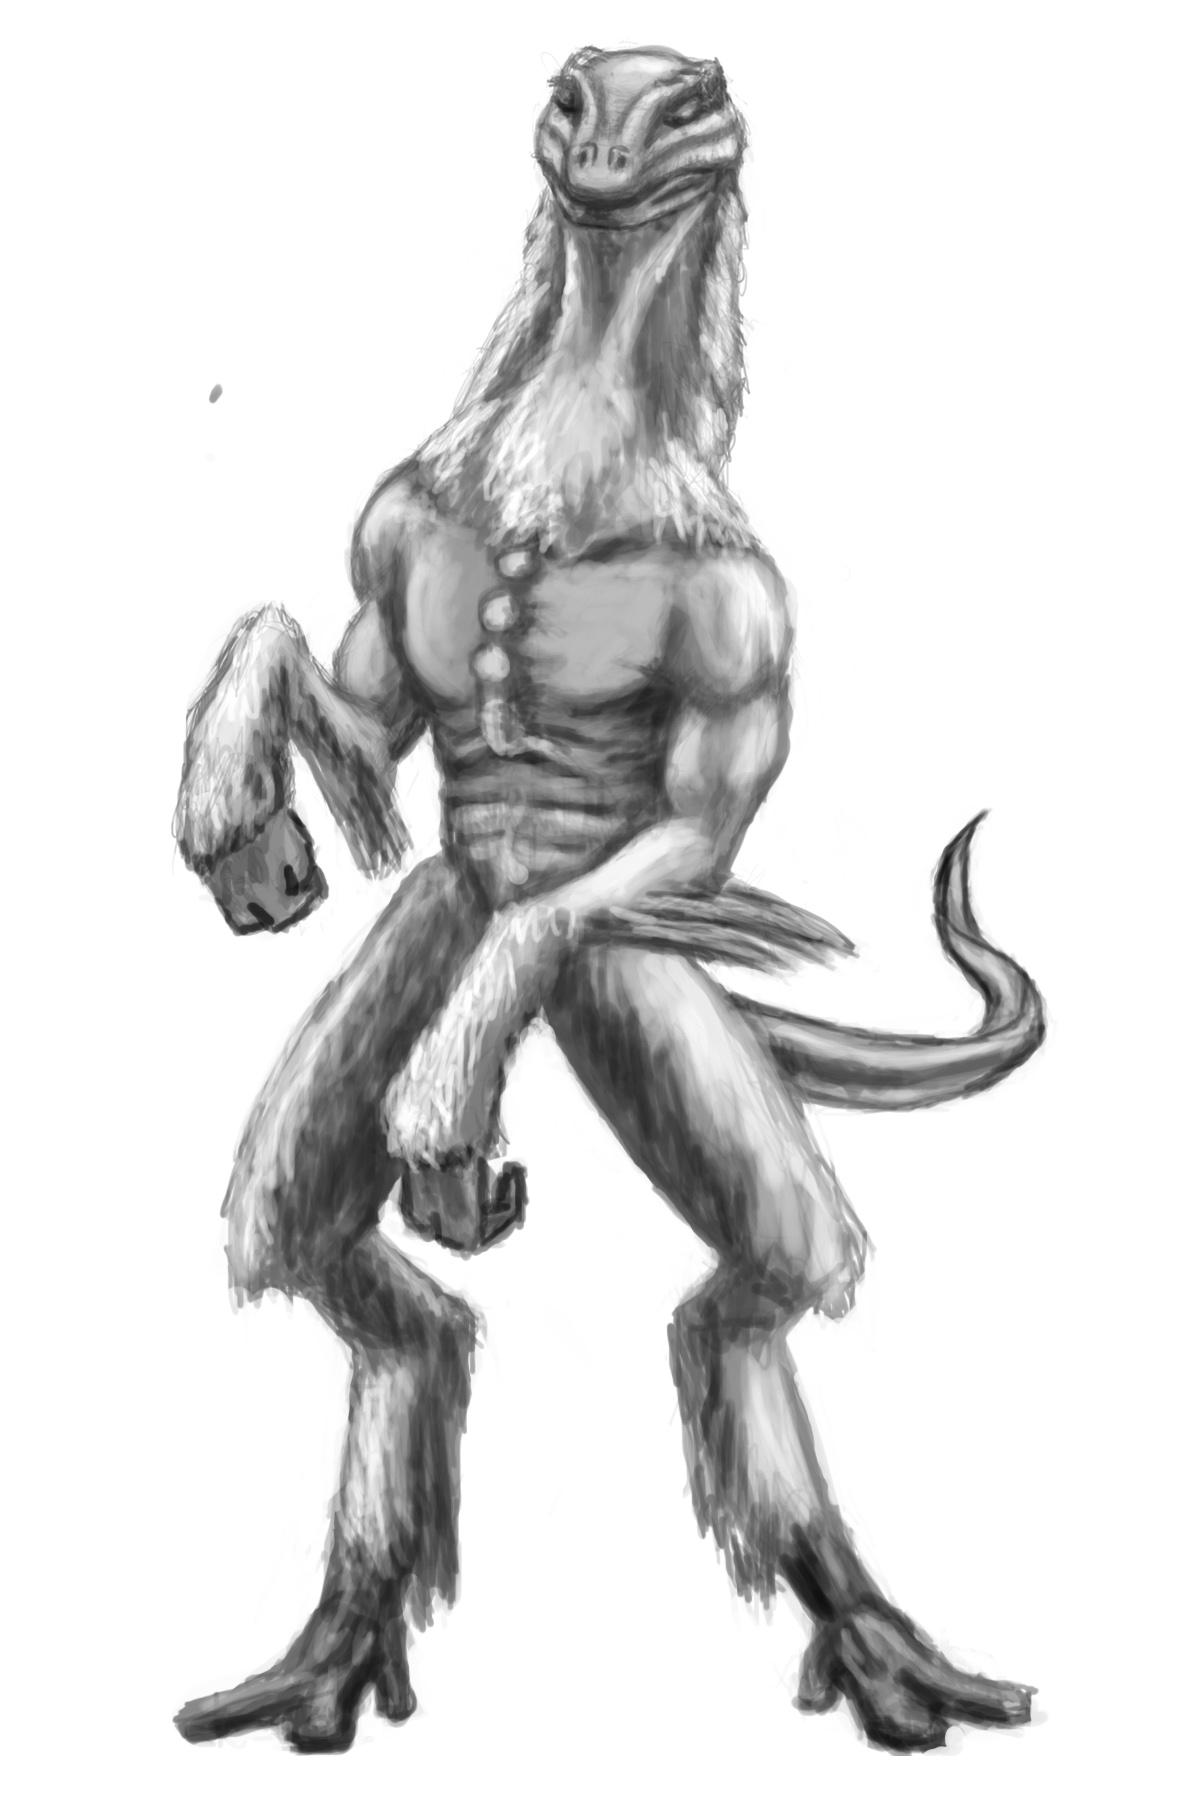 Reptilian Alien Mascot